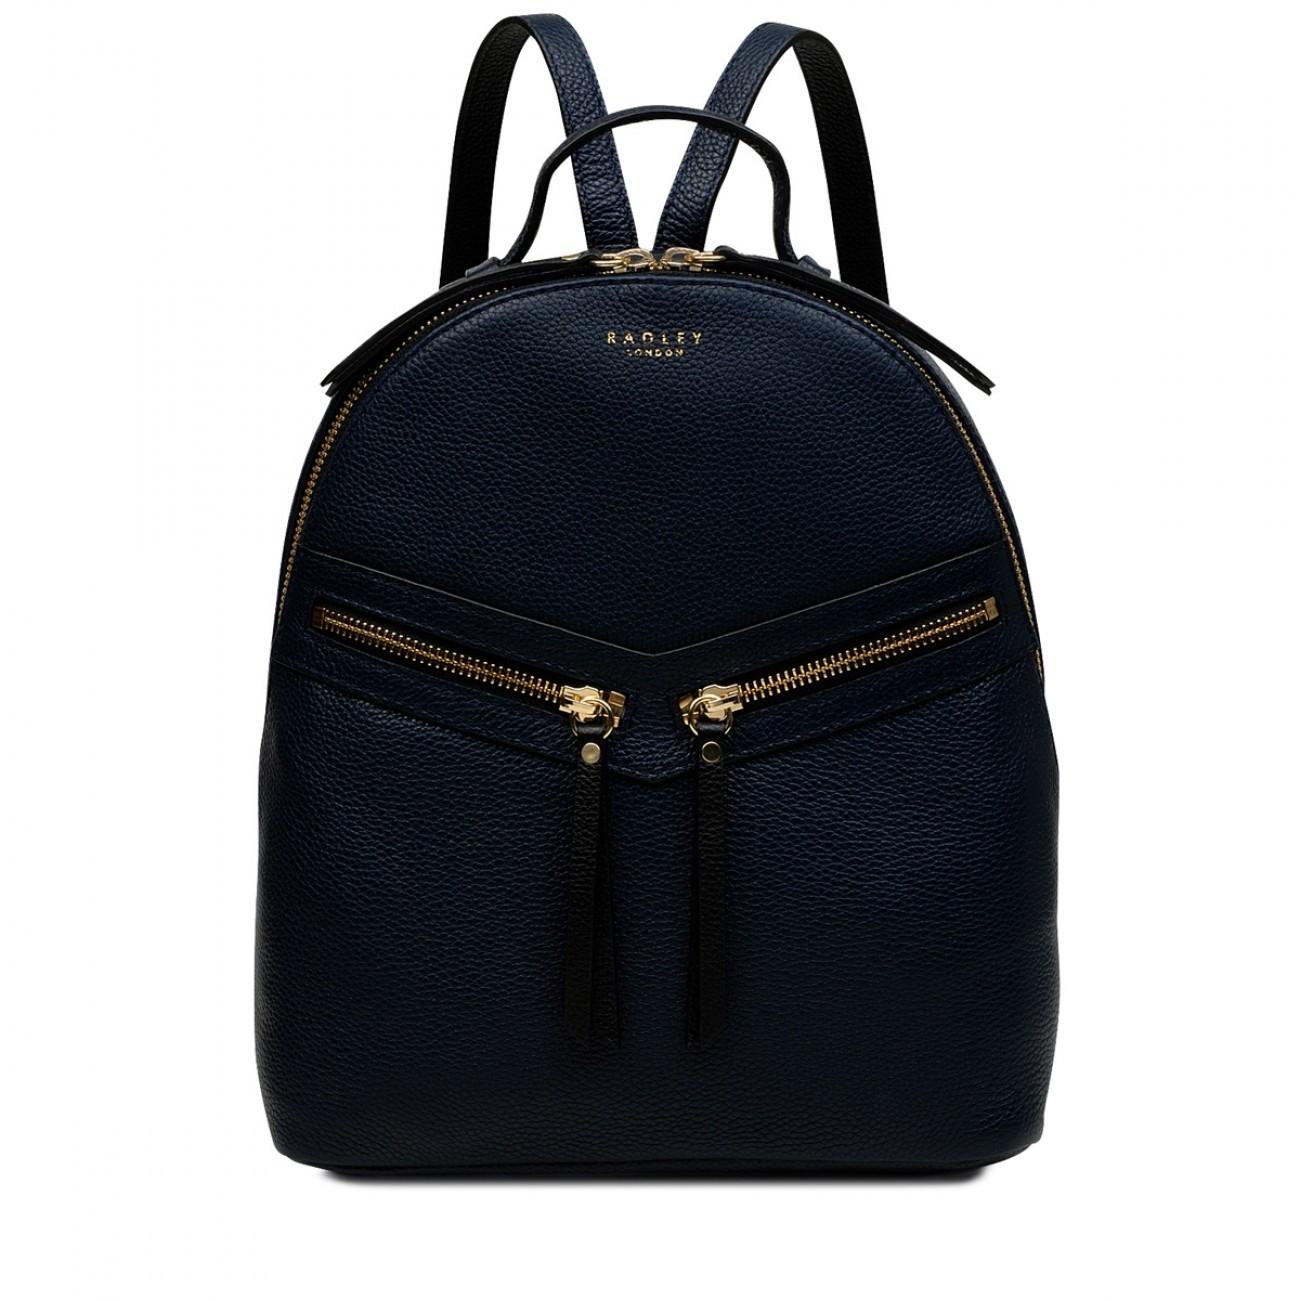 Smith Street Medium Zip-Top Backpack